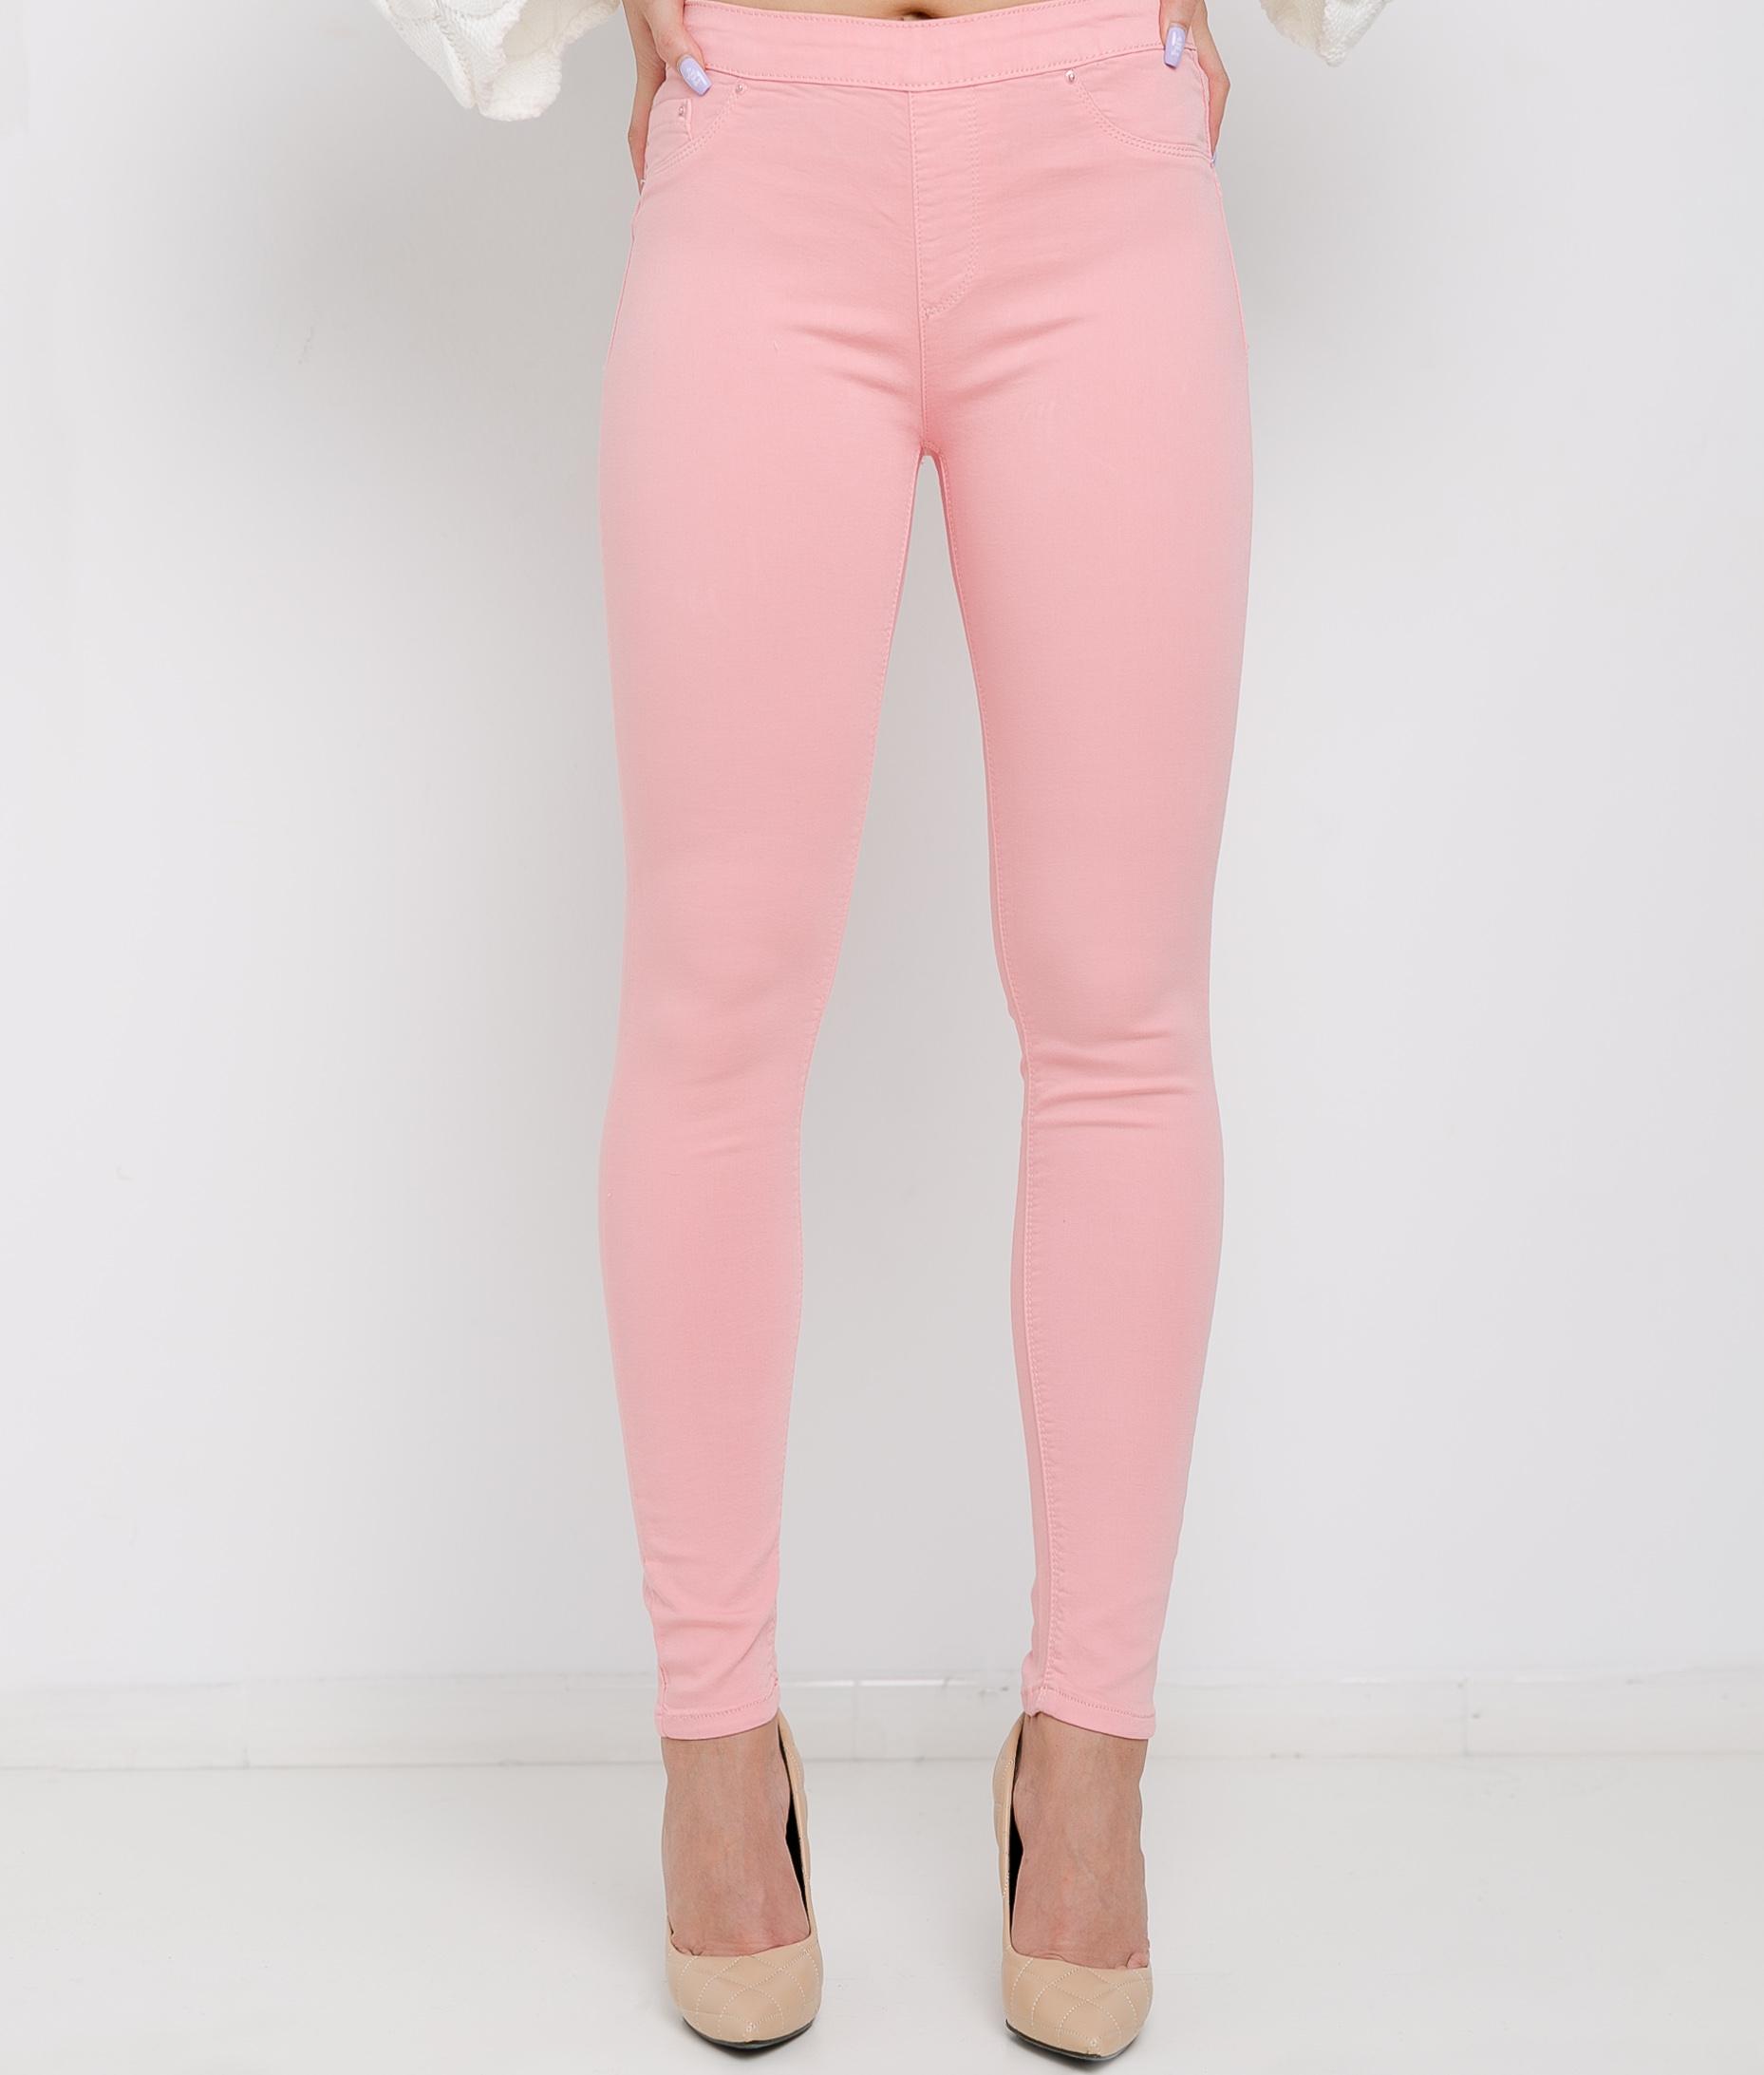 Leggins Hosk - Pink